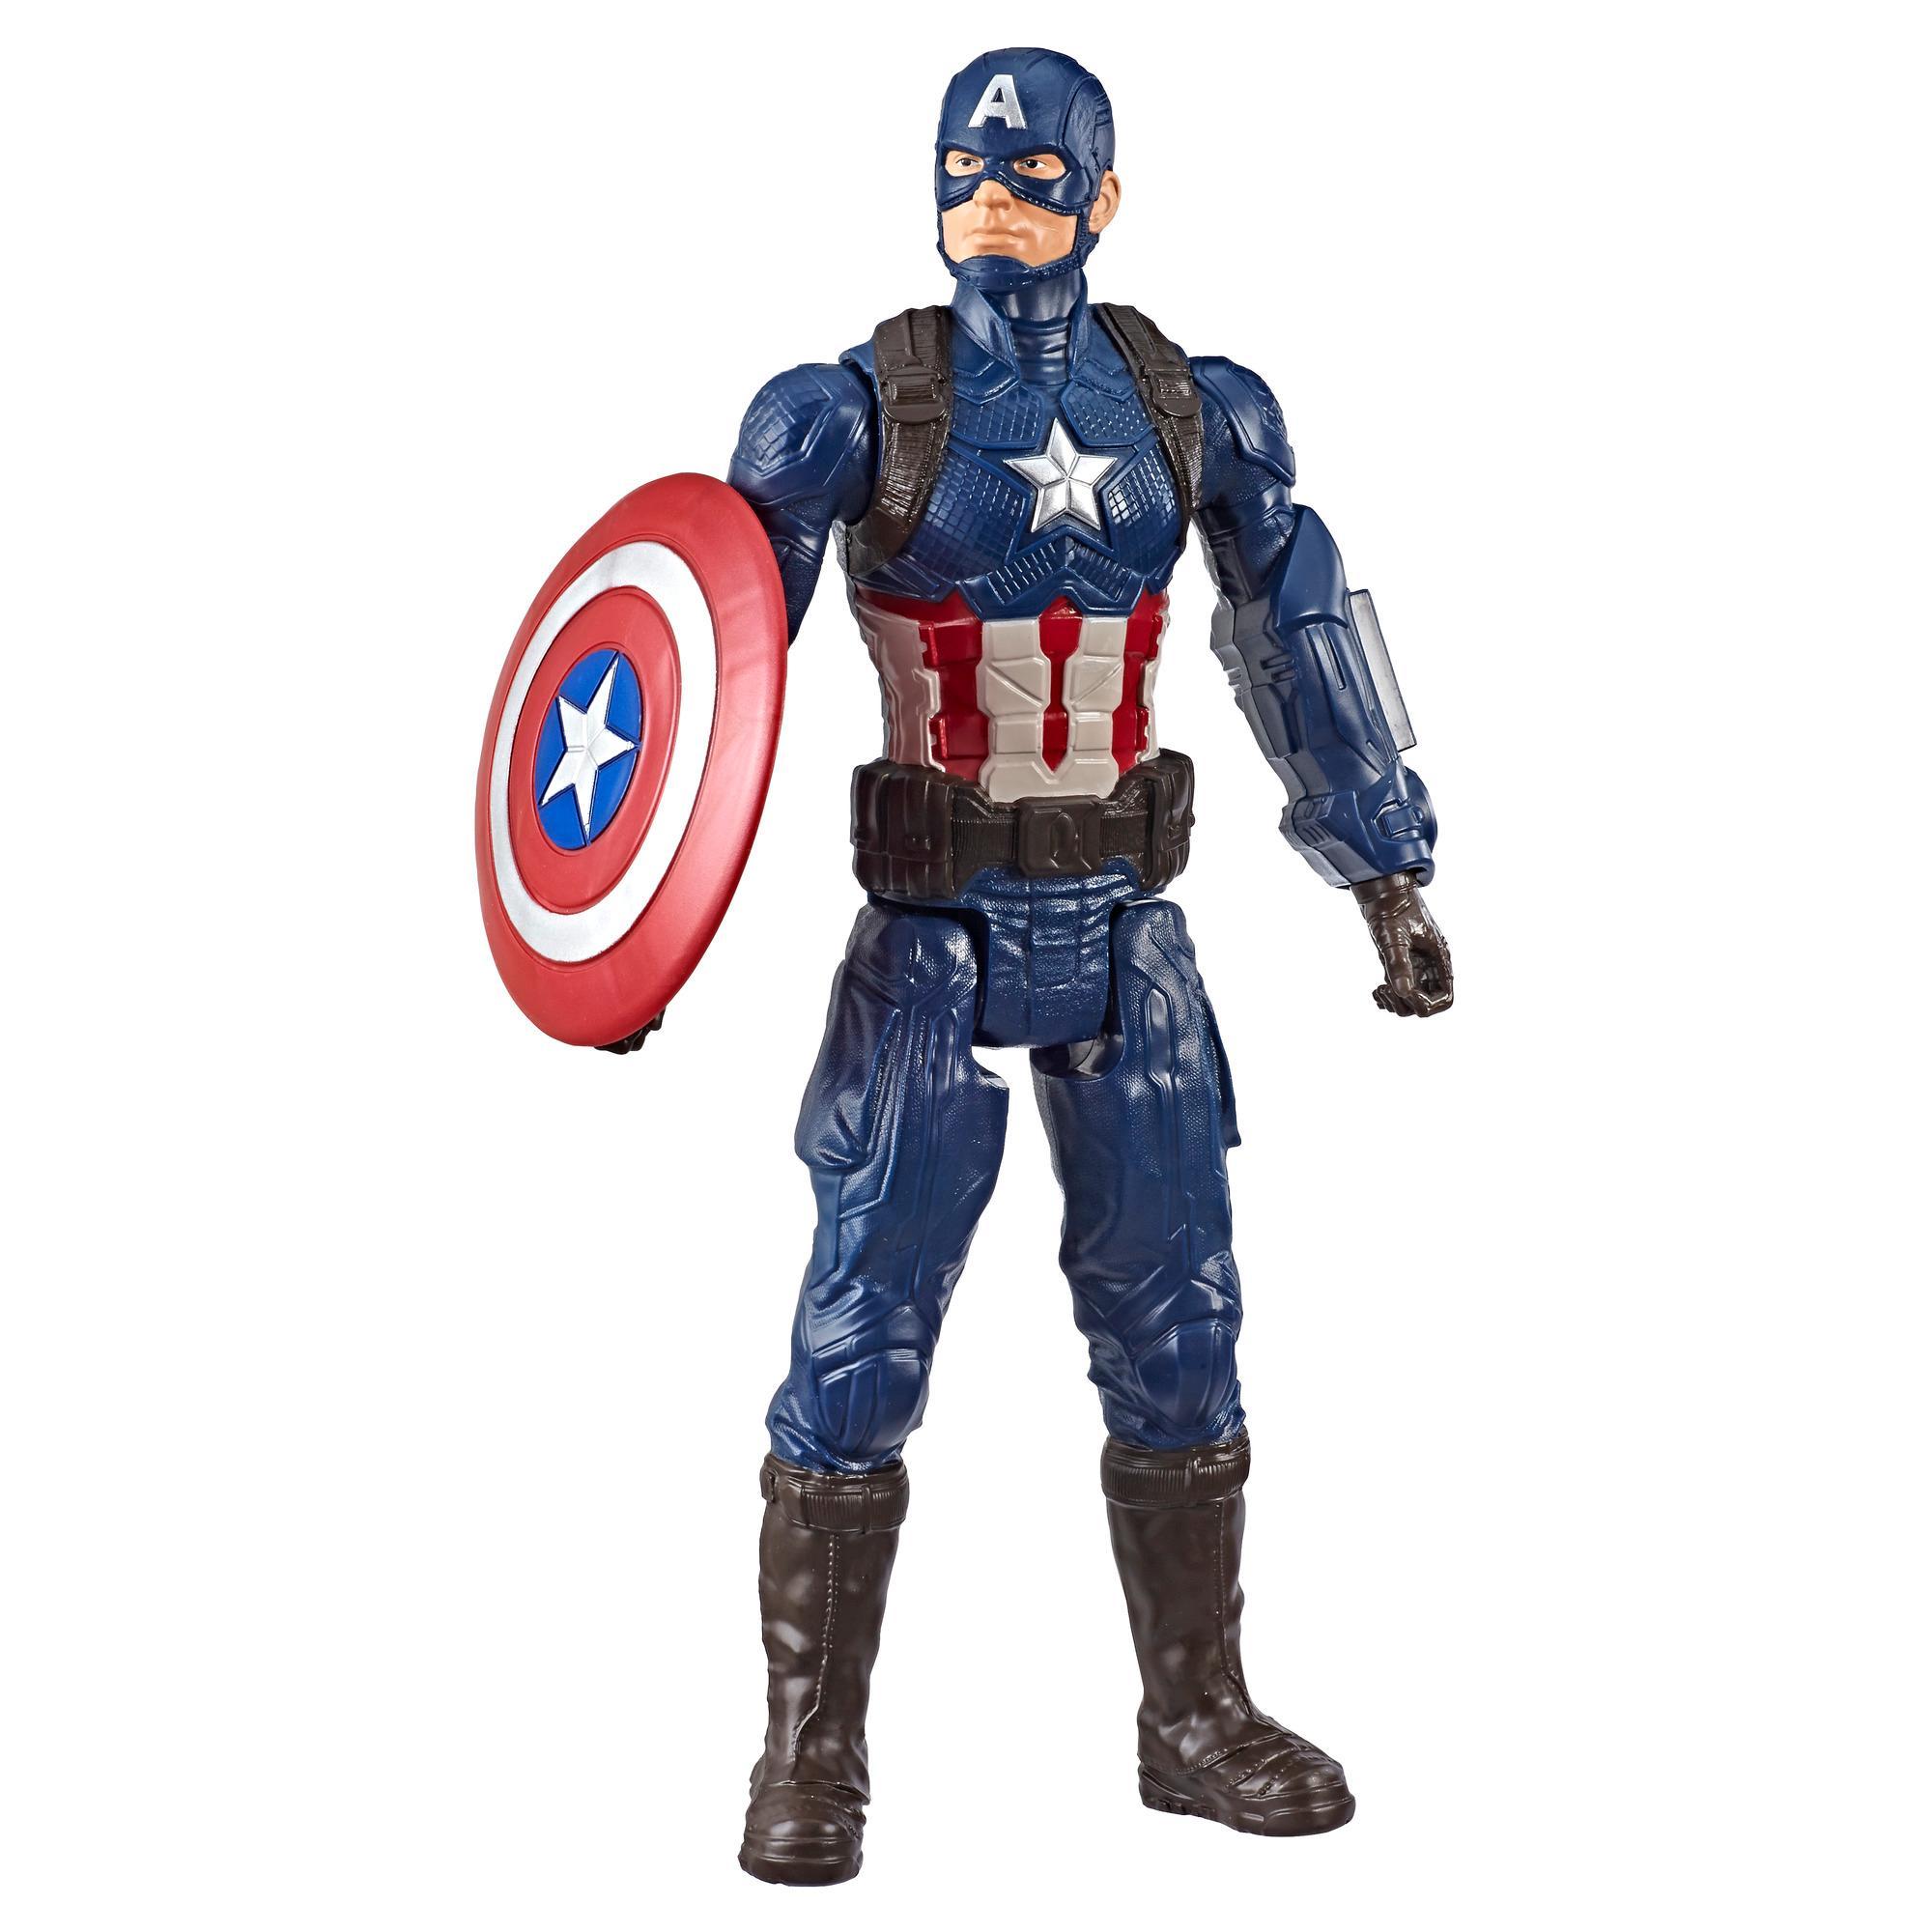 Marvel Avengers: Endgame  - Captain America Titan Hero compatibile con Power FX (Action Figure da 30 cm, Power FX non incluso)